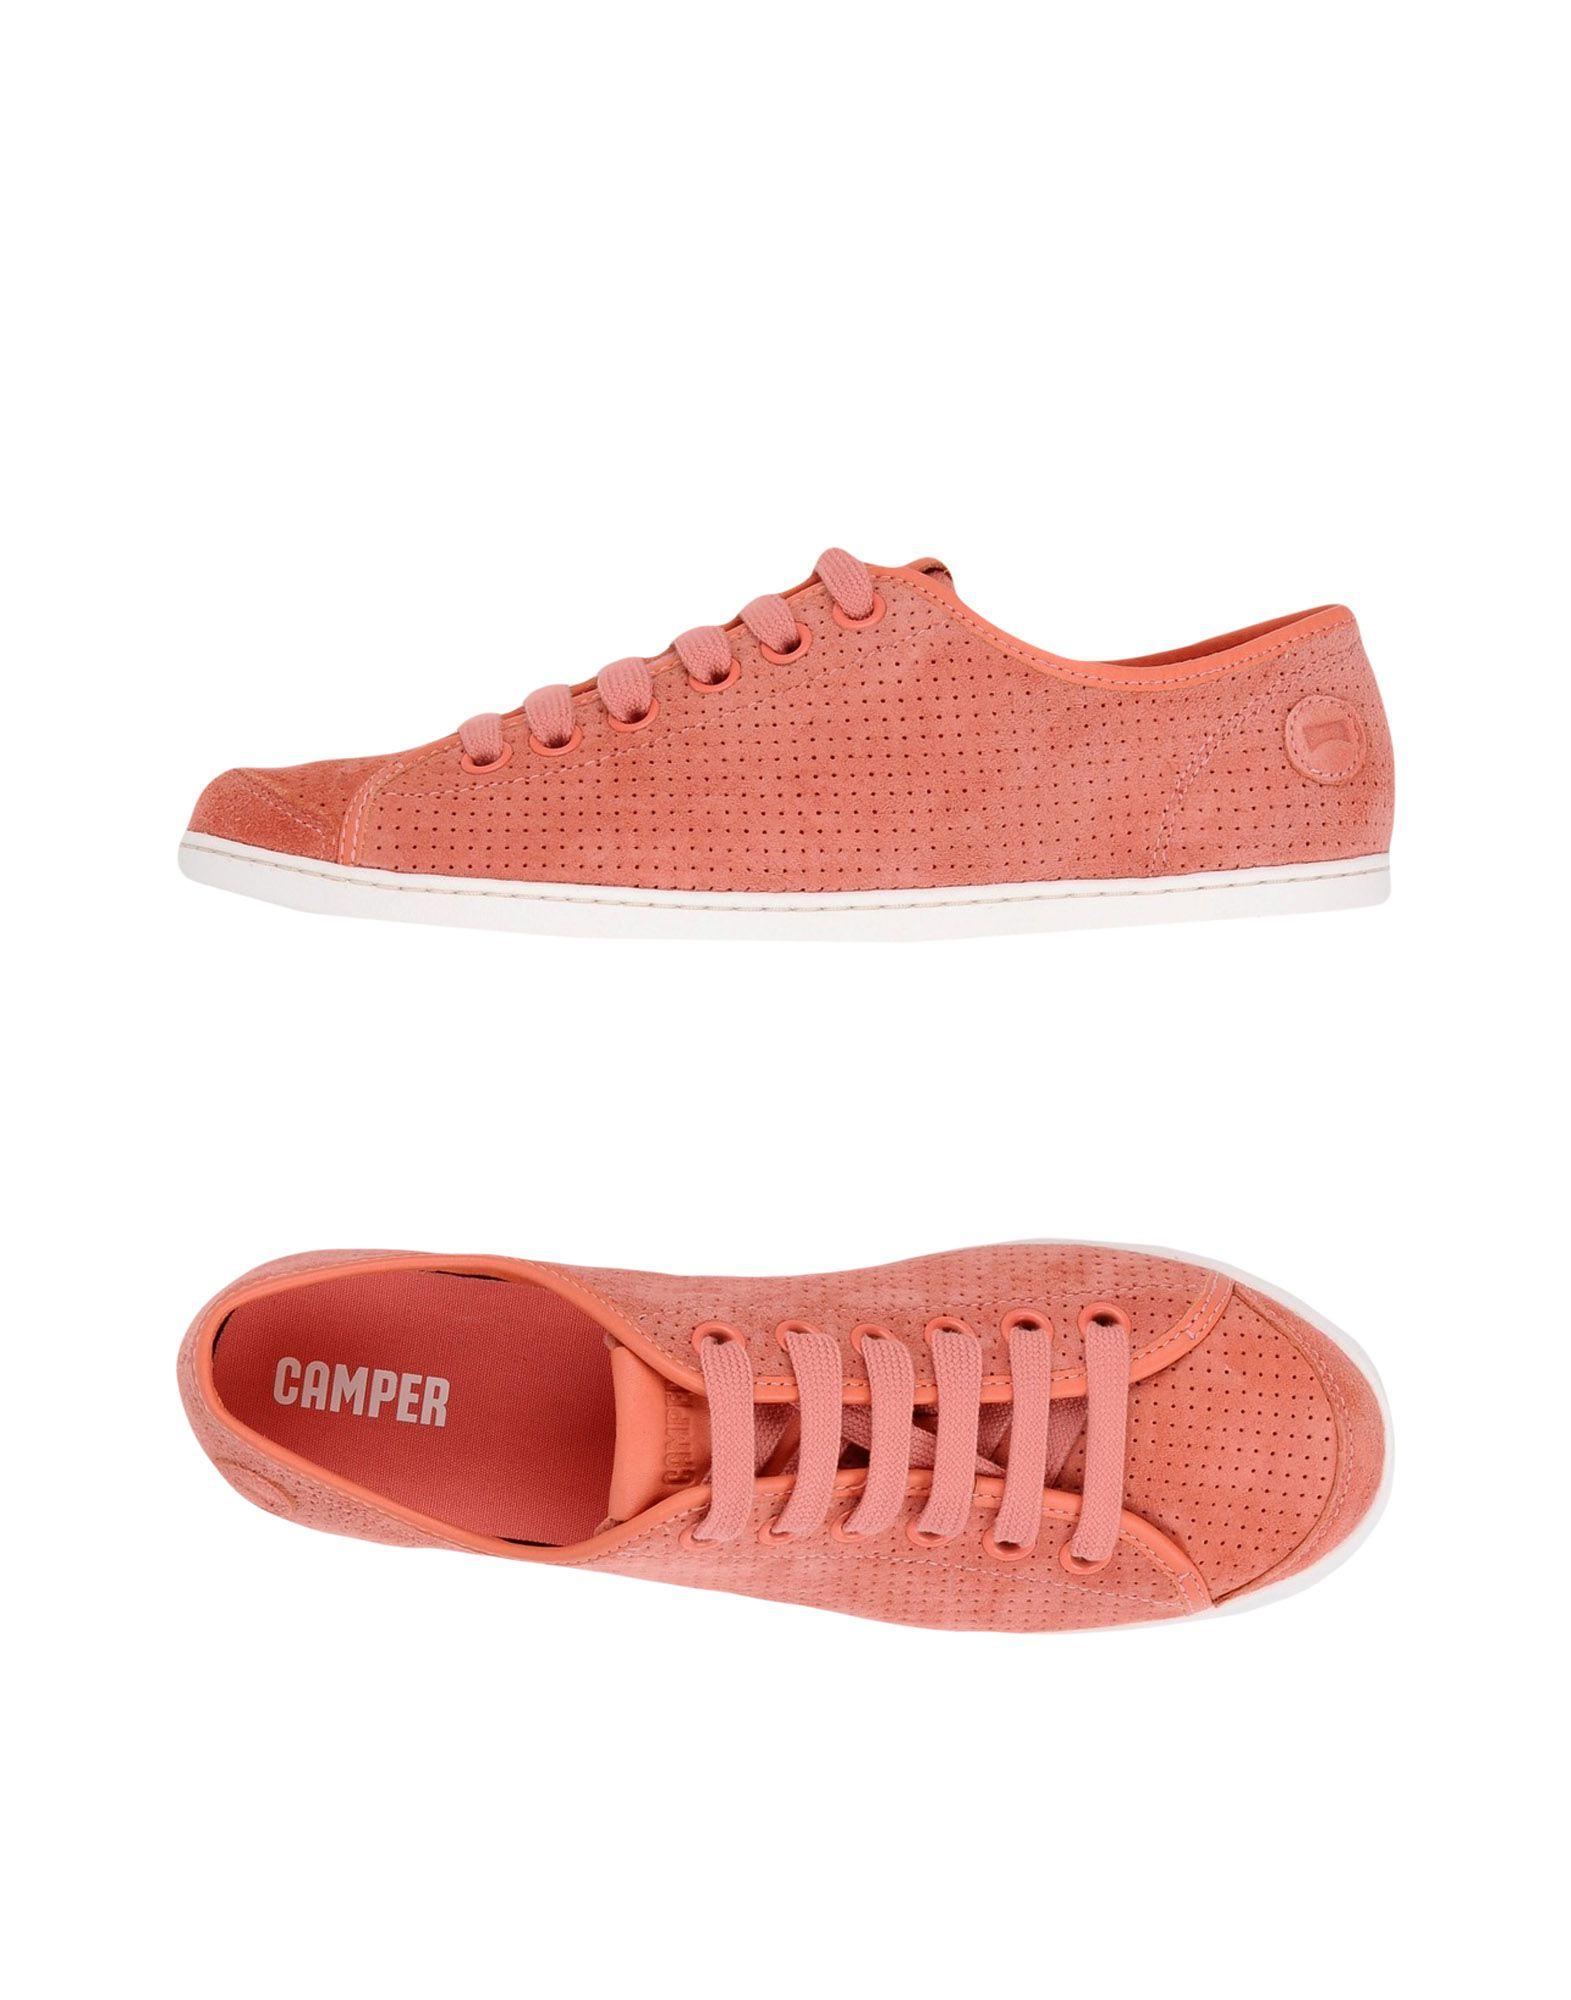 Zapatillas Camper Uno - Mujer Mujer Mujer - Zapatillas Camper  Coral 48d94b